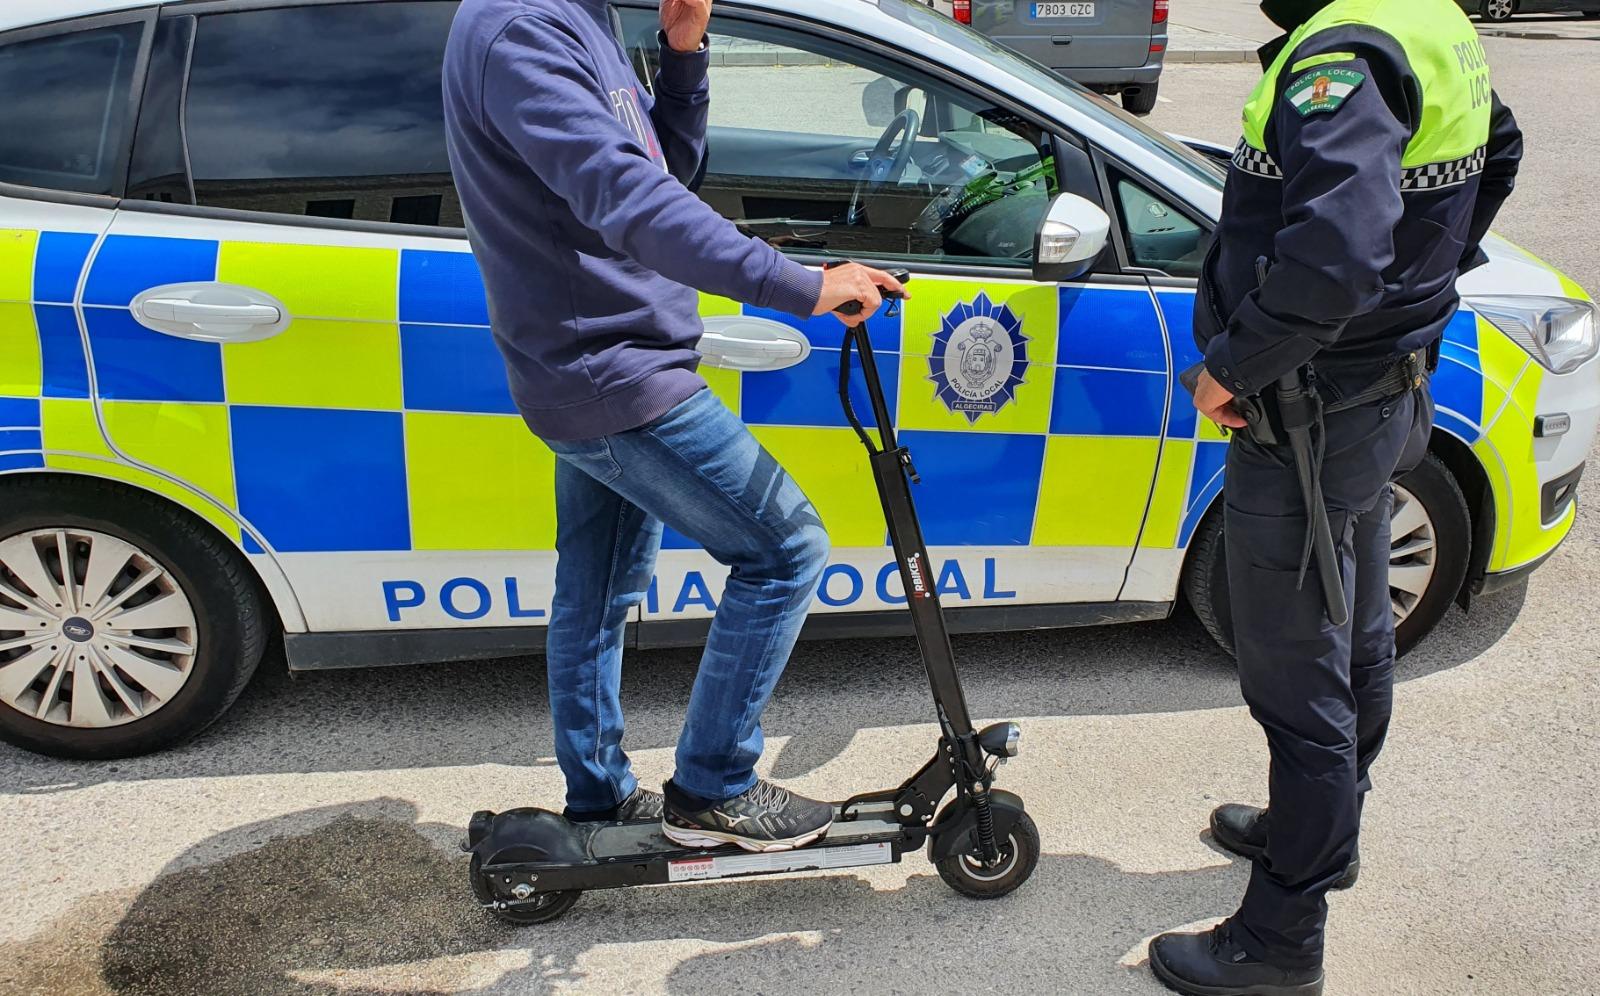 Intervención policial con vehículos de movilidad personal cppm